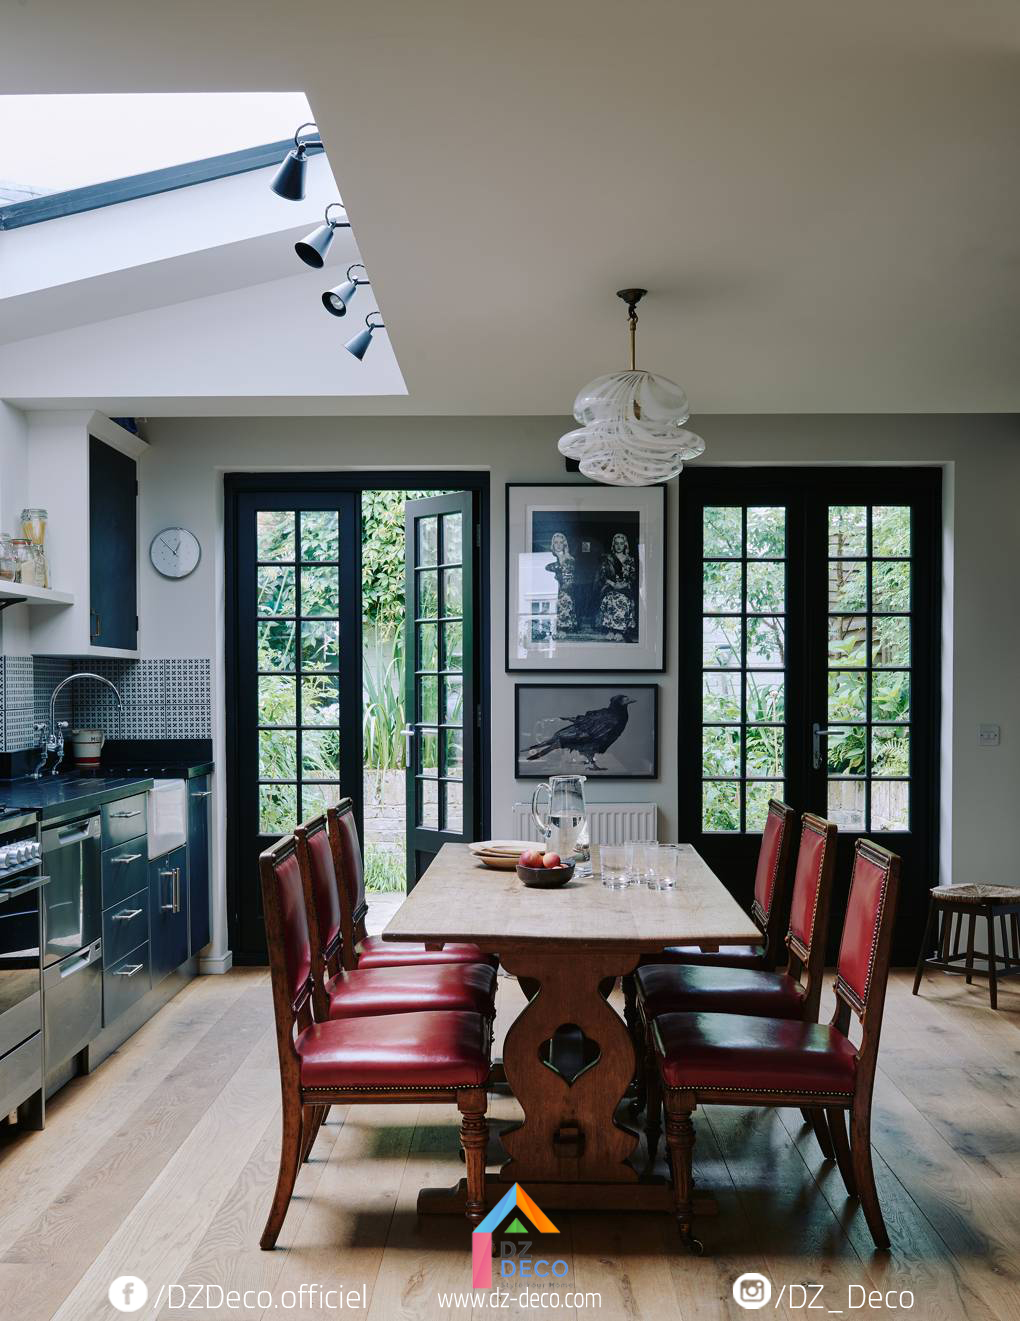 تصاميم منازل 2020 7 1